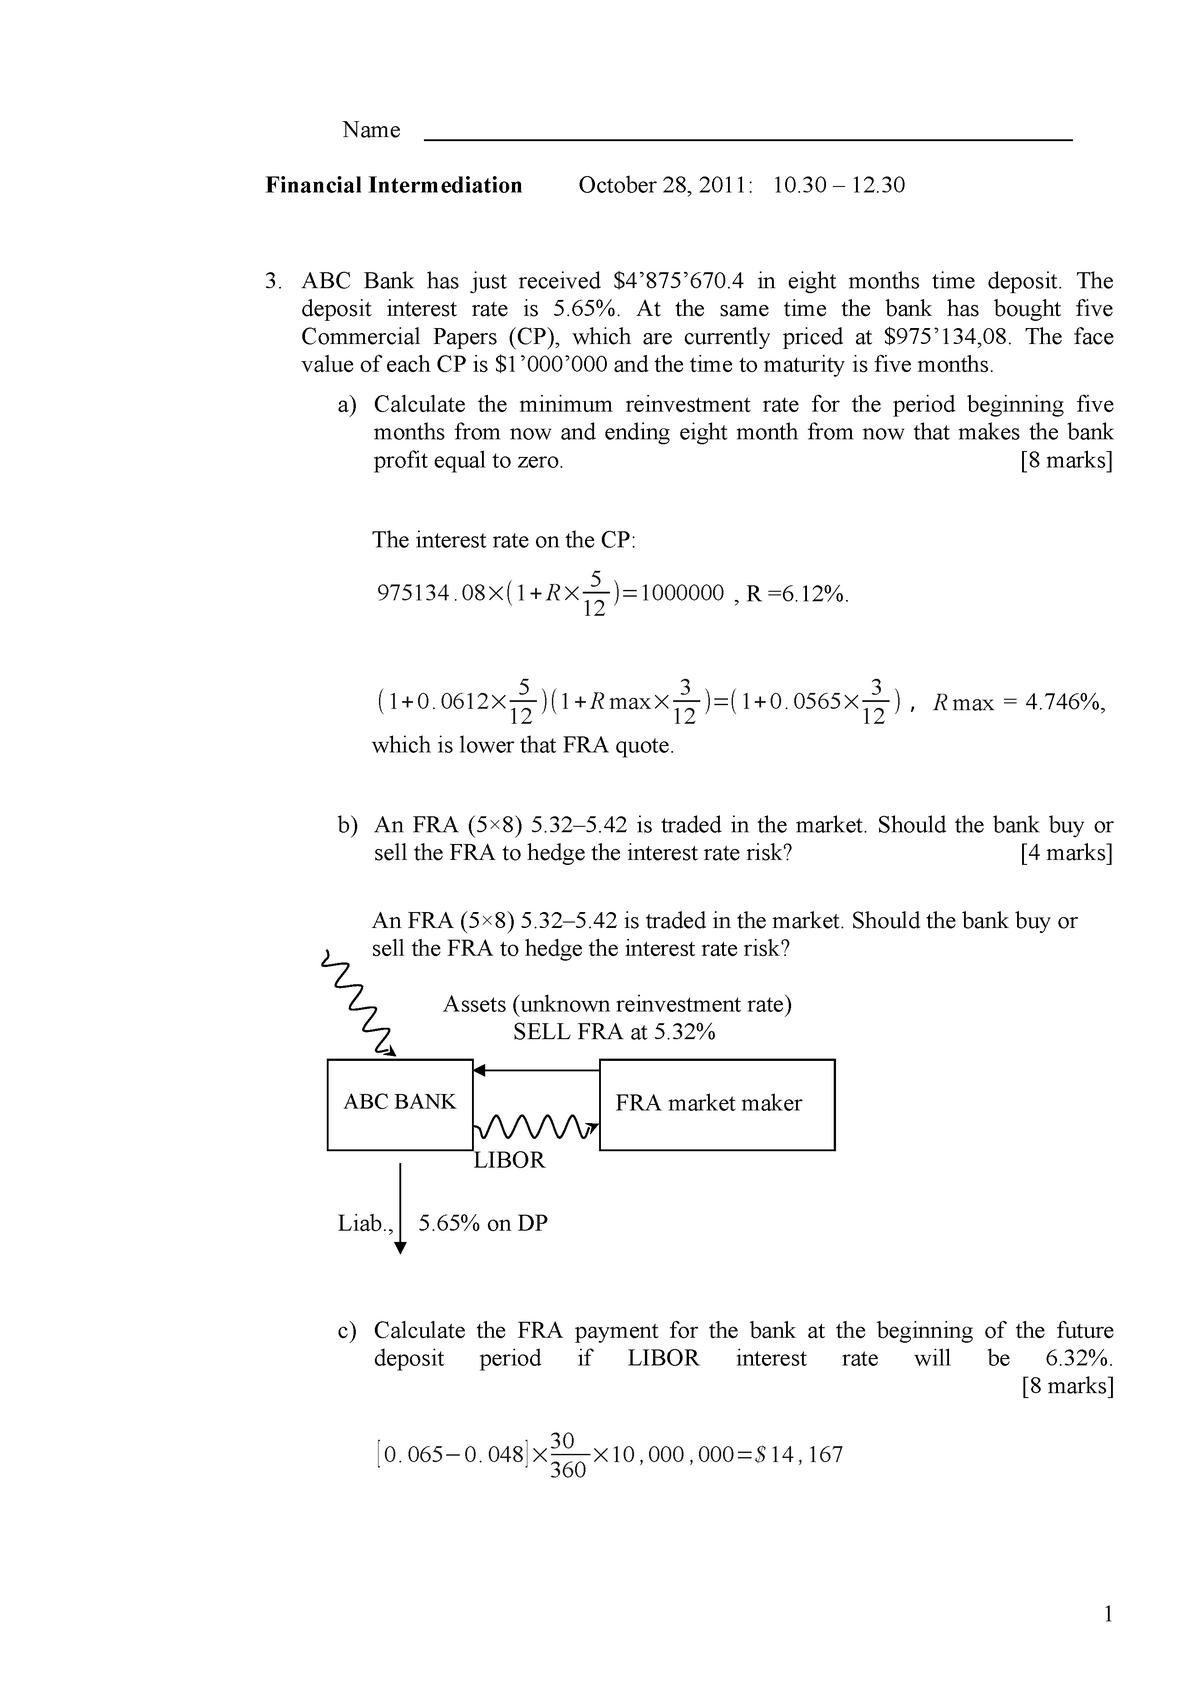 Экзамен 2011, ответы - Financial Intermediation - ВШЭ - StuDocu